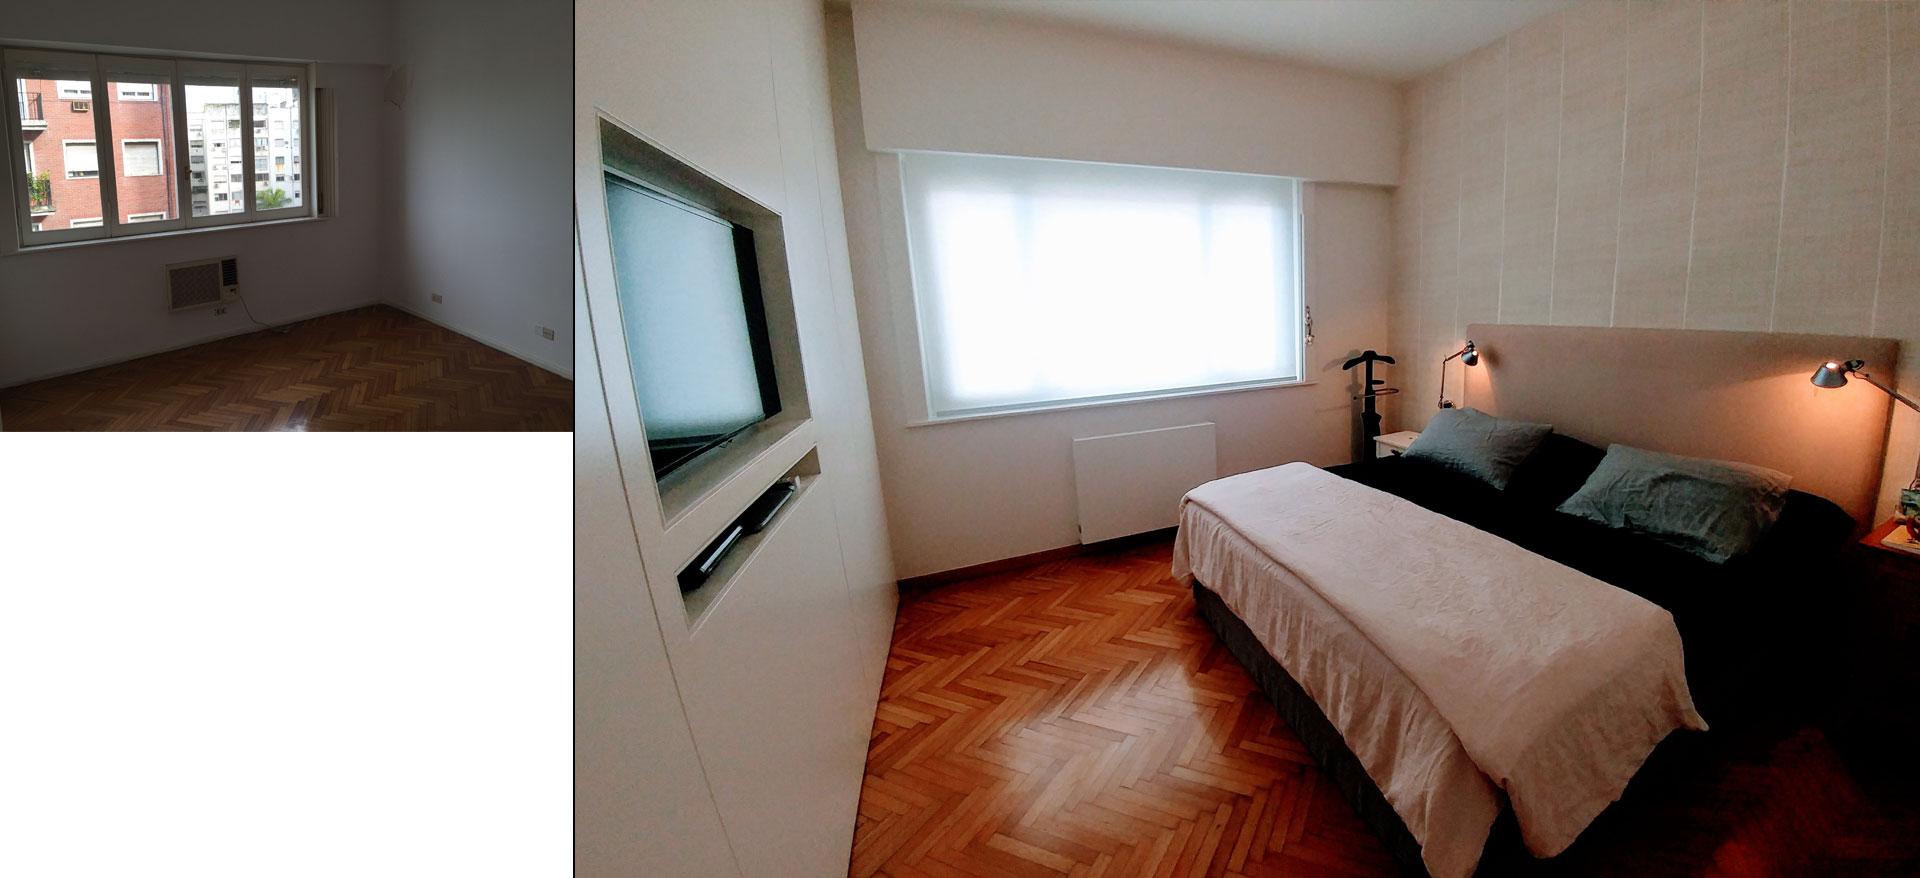 Como era el dormitorio original y como quedó con la reforma y las ideas deco, diseño interior moderno